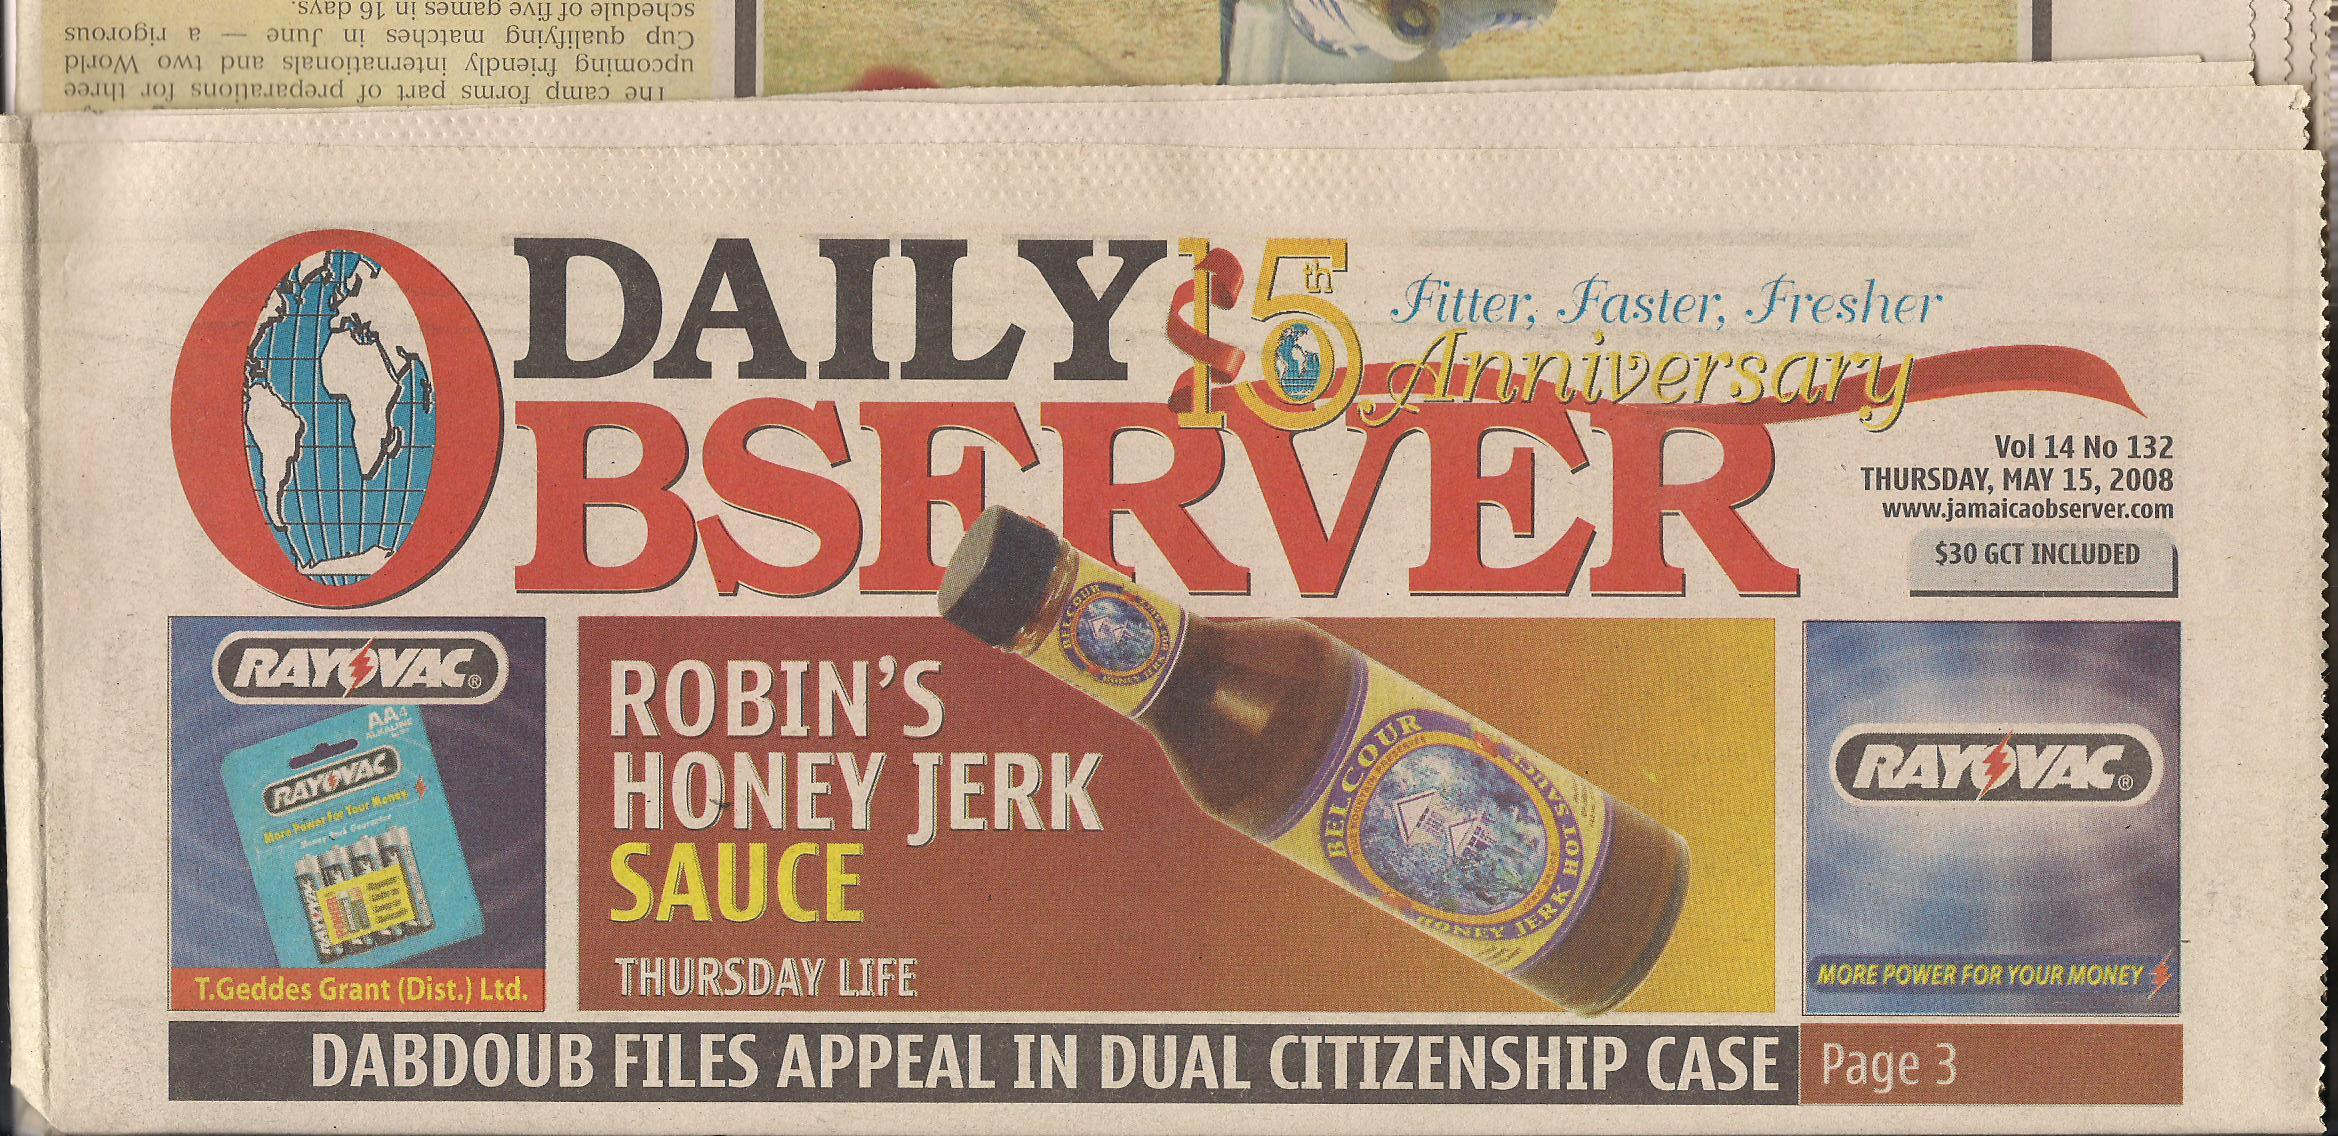 Robin's Honey Jerk Sauce